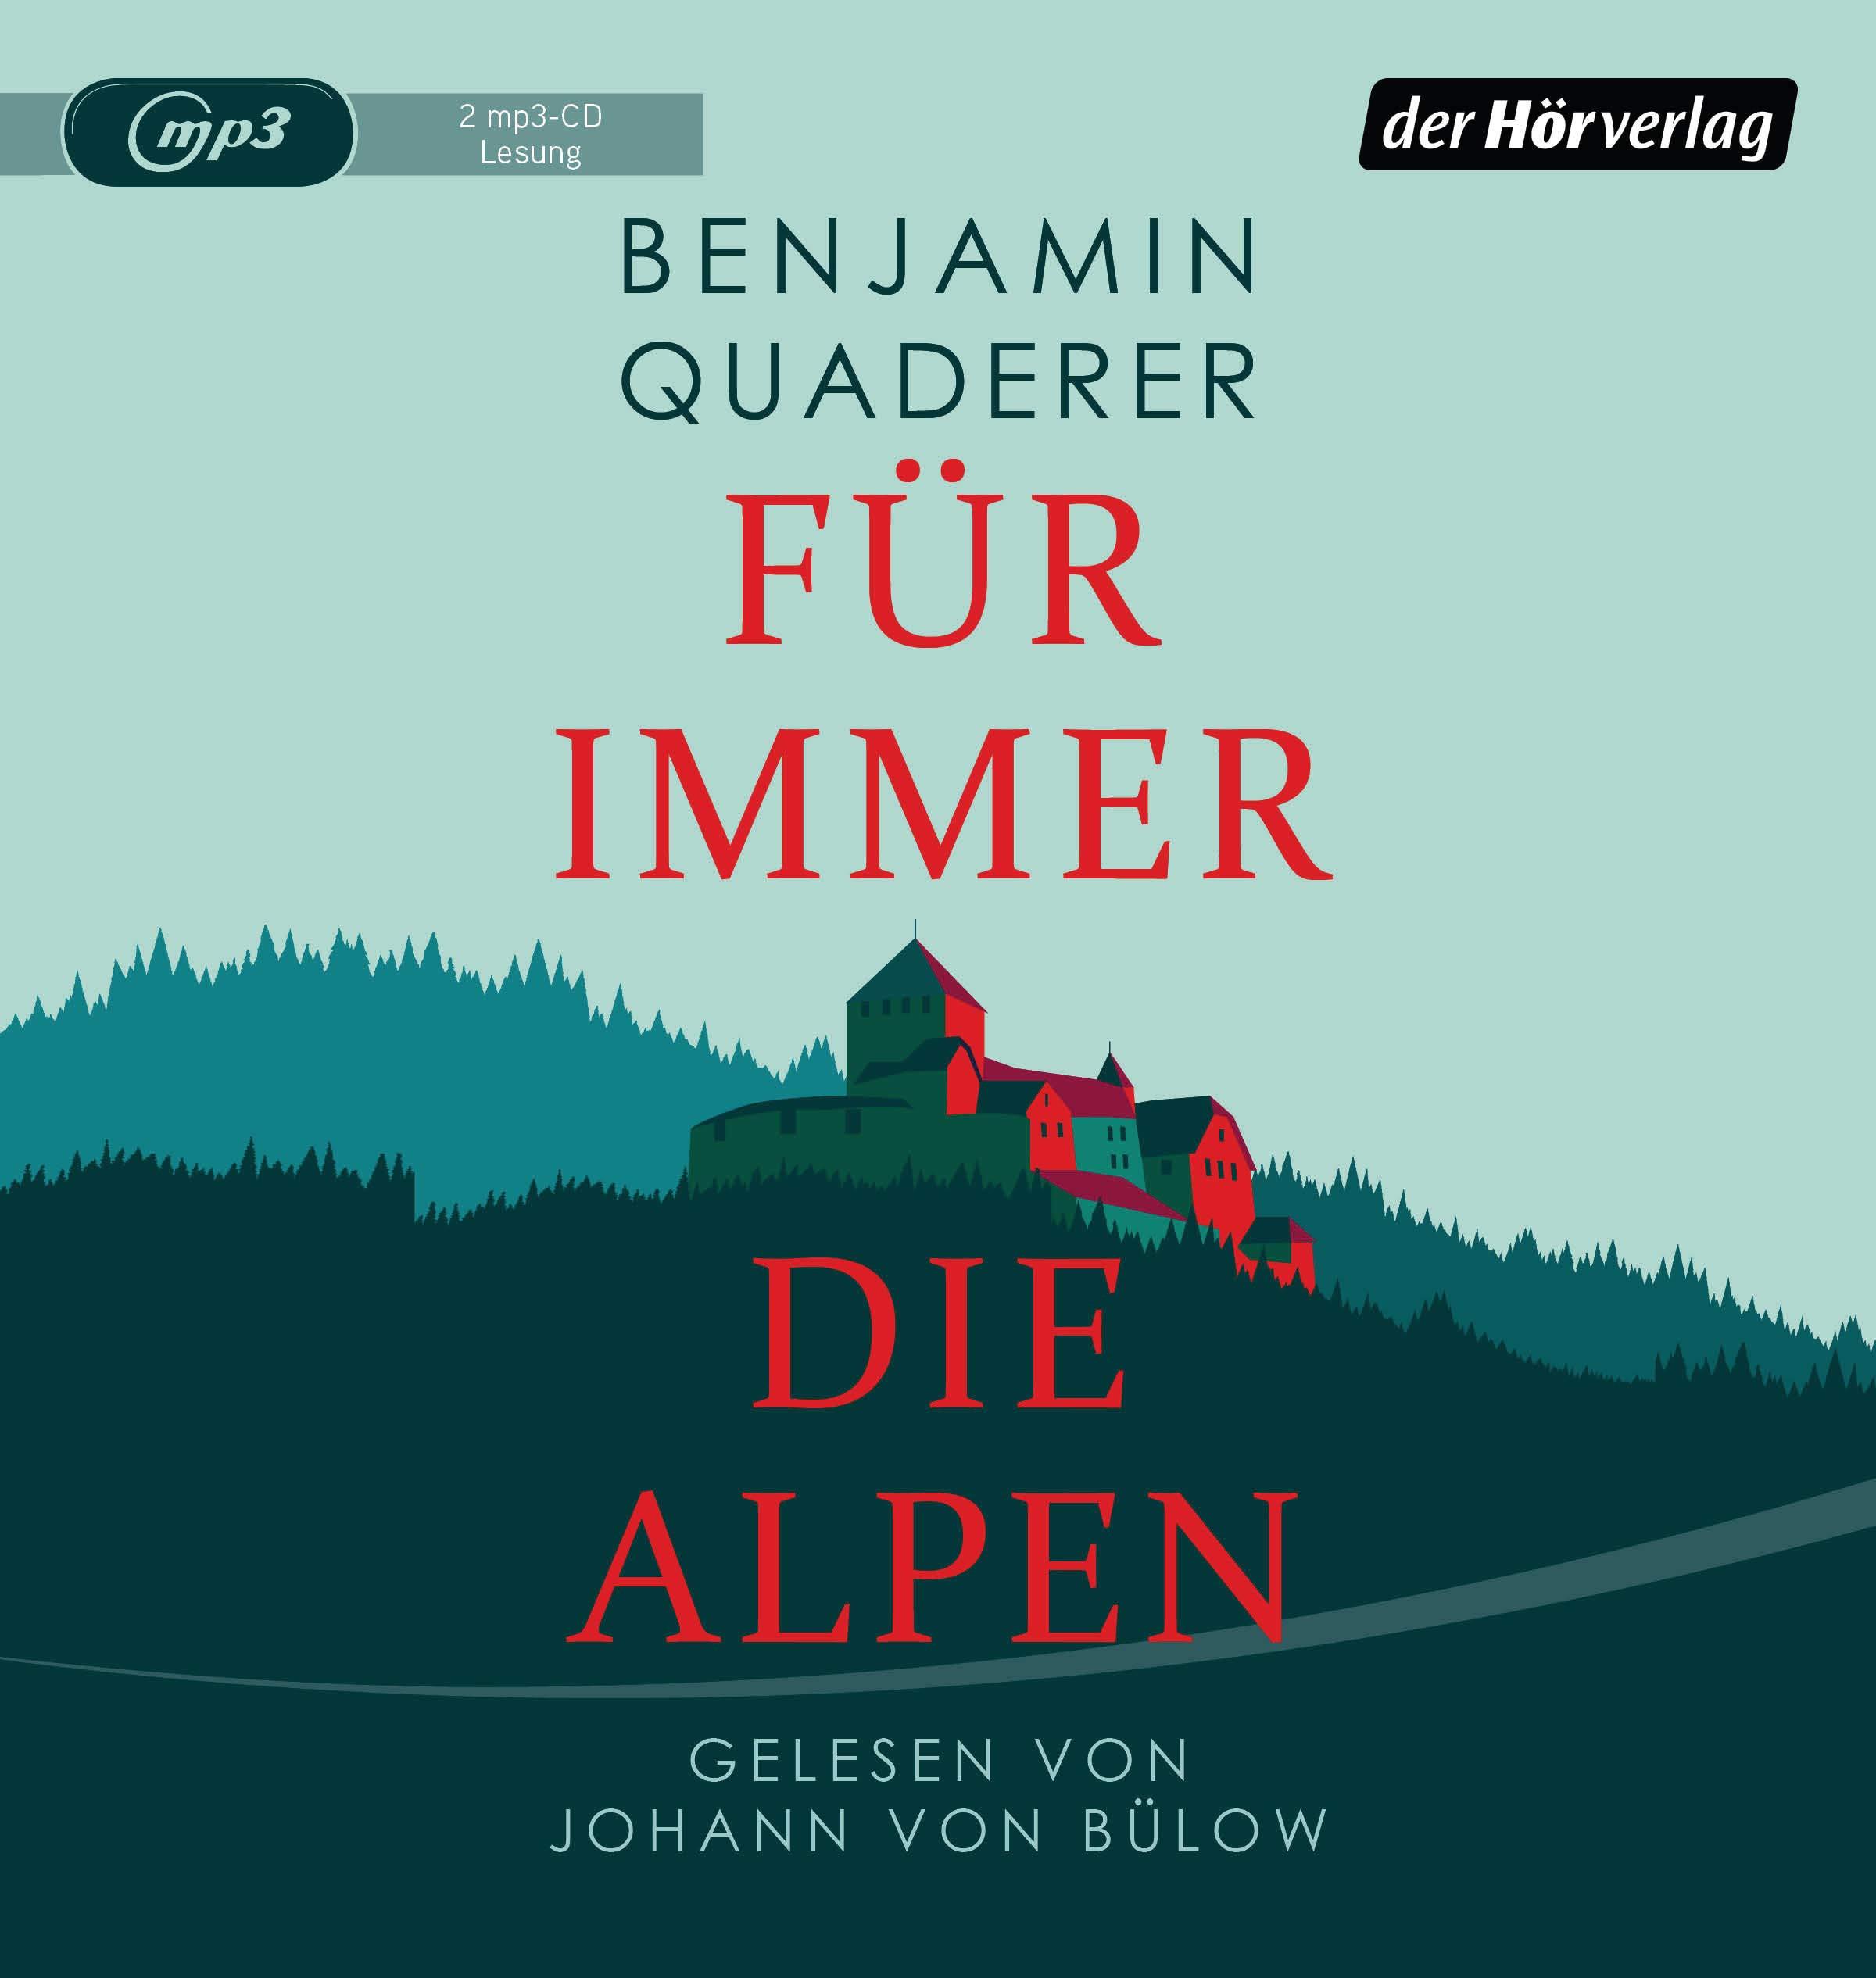 Benjamin Quaderer - Für immer die Alpen